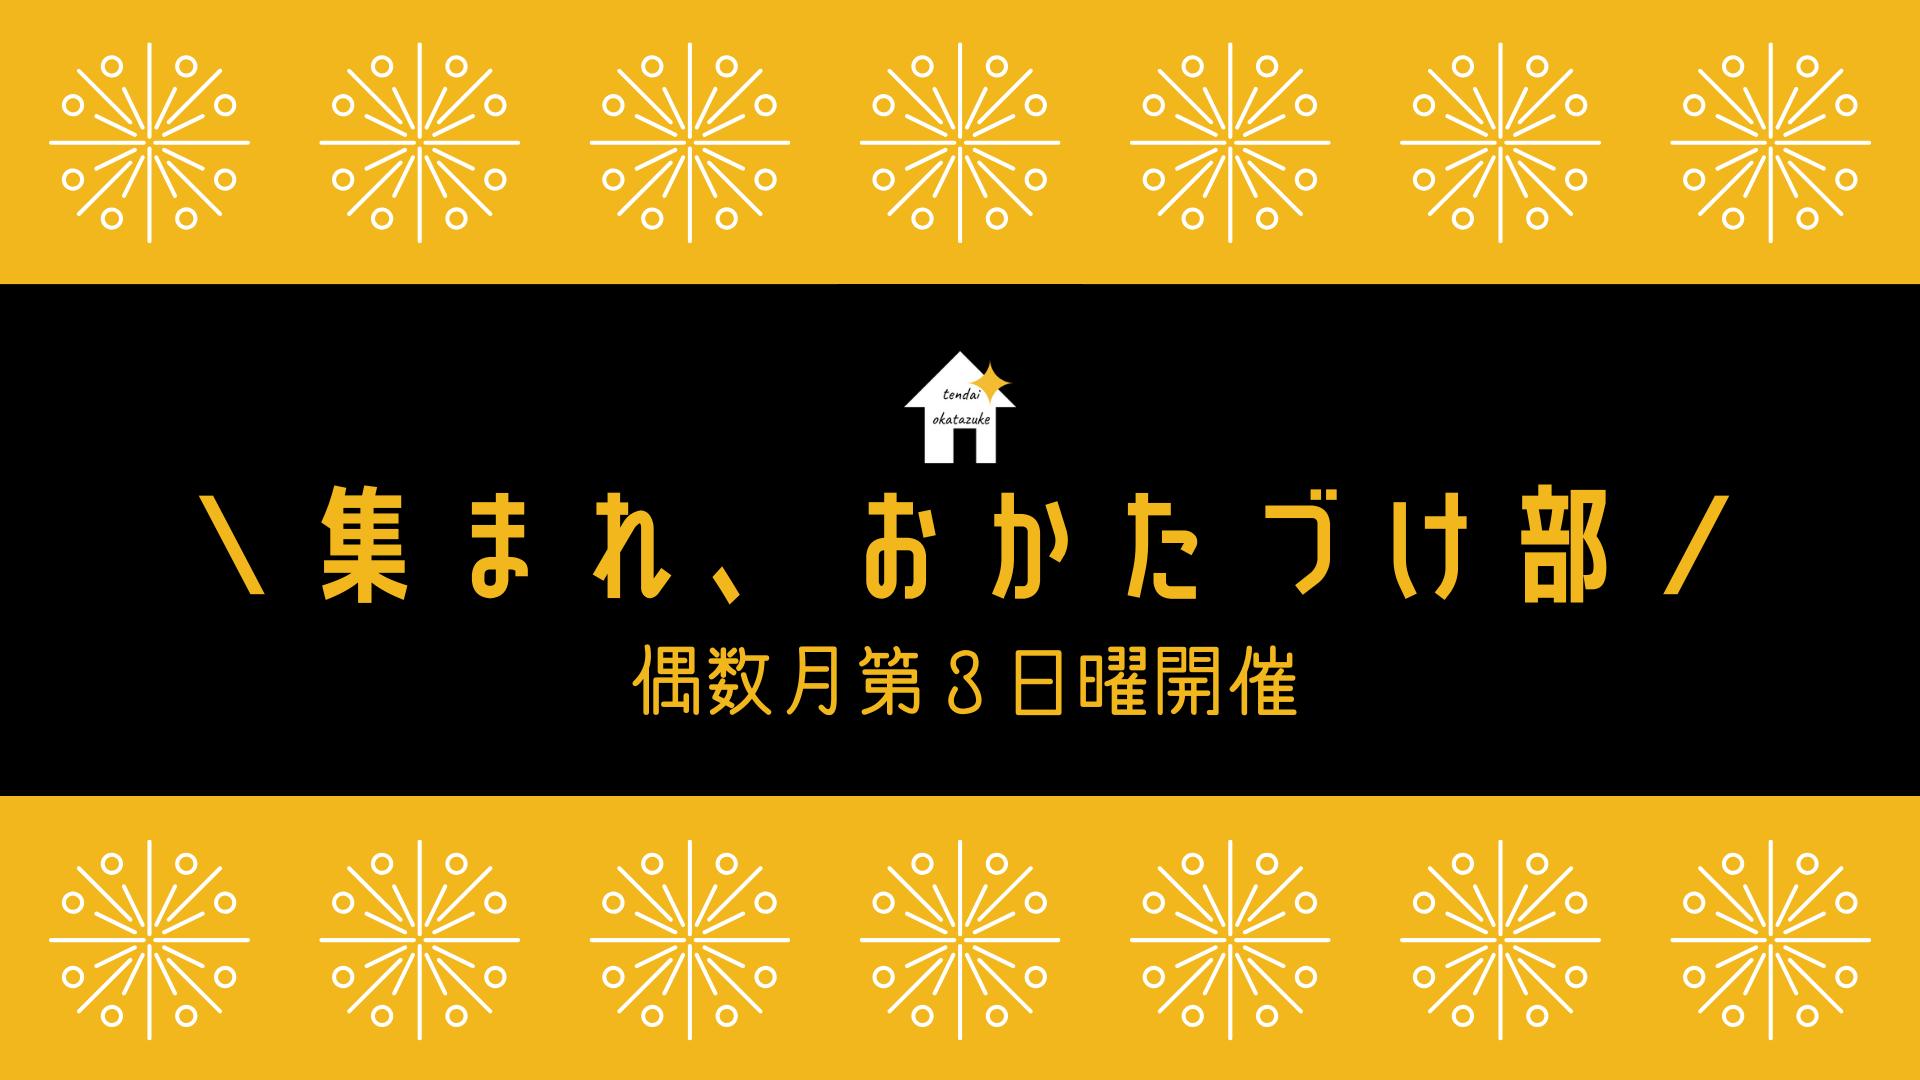 【テン大おかたづけ部】12月の会のご案内(※申込期限12/8)